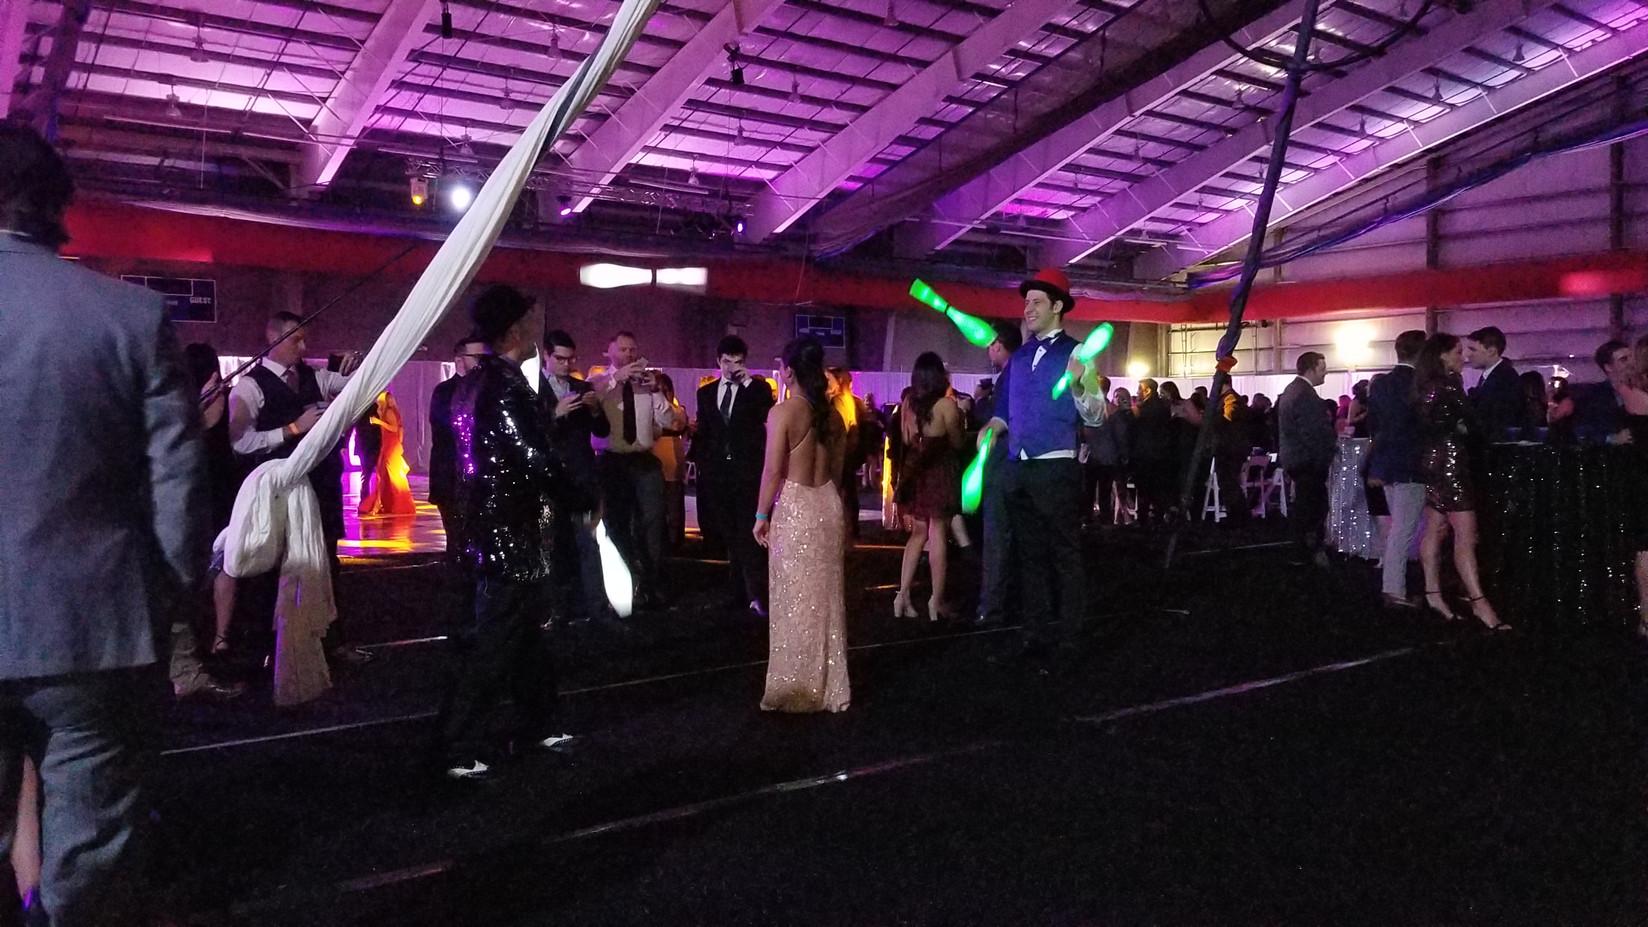 Led-Juggler-At-Event.jpg